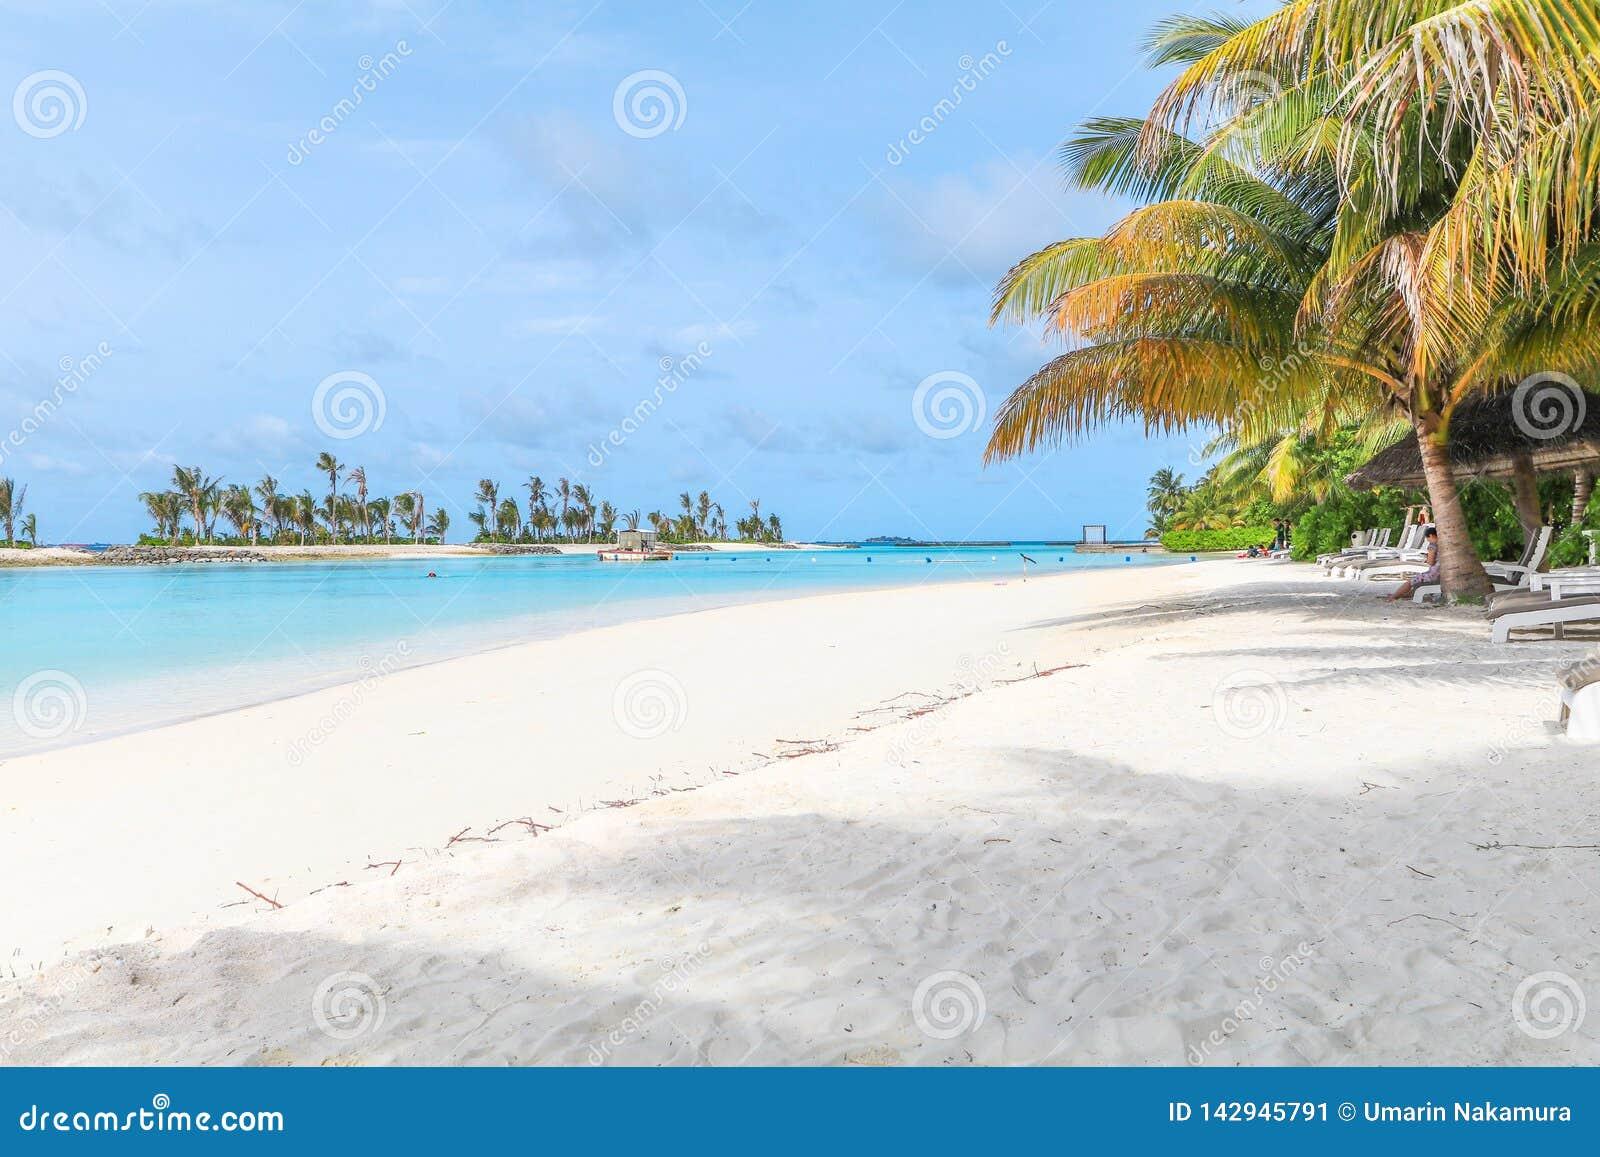 马尔代夫、美丽的绿松石水域和白色沙滩的令人惊讶的海岛有天空蔚蓝背景为假日